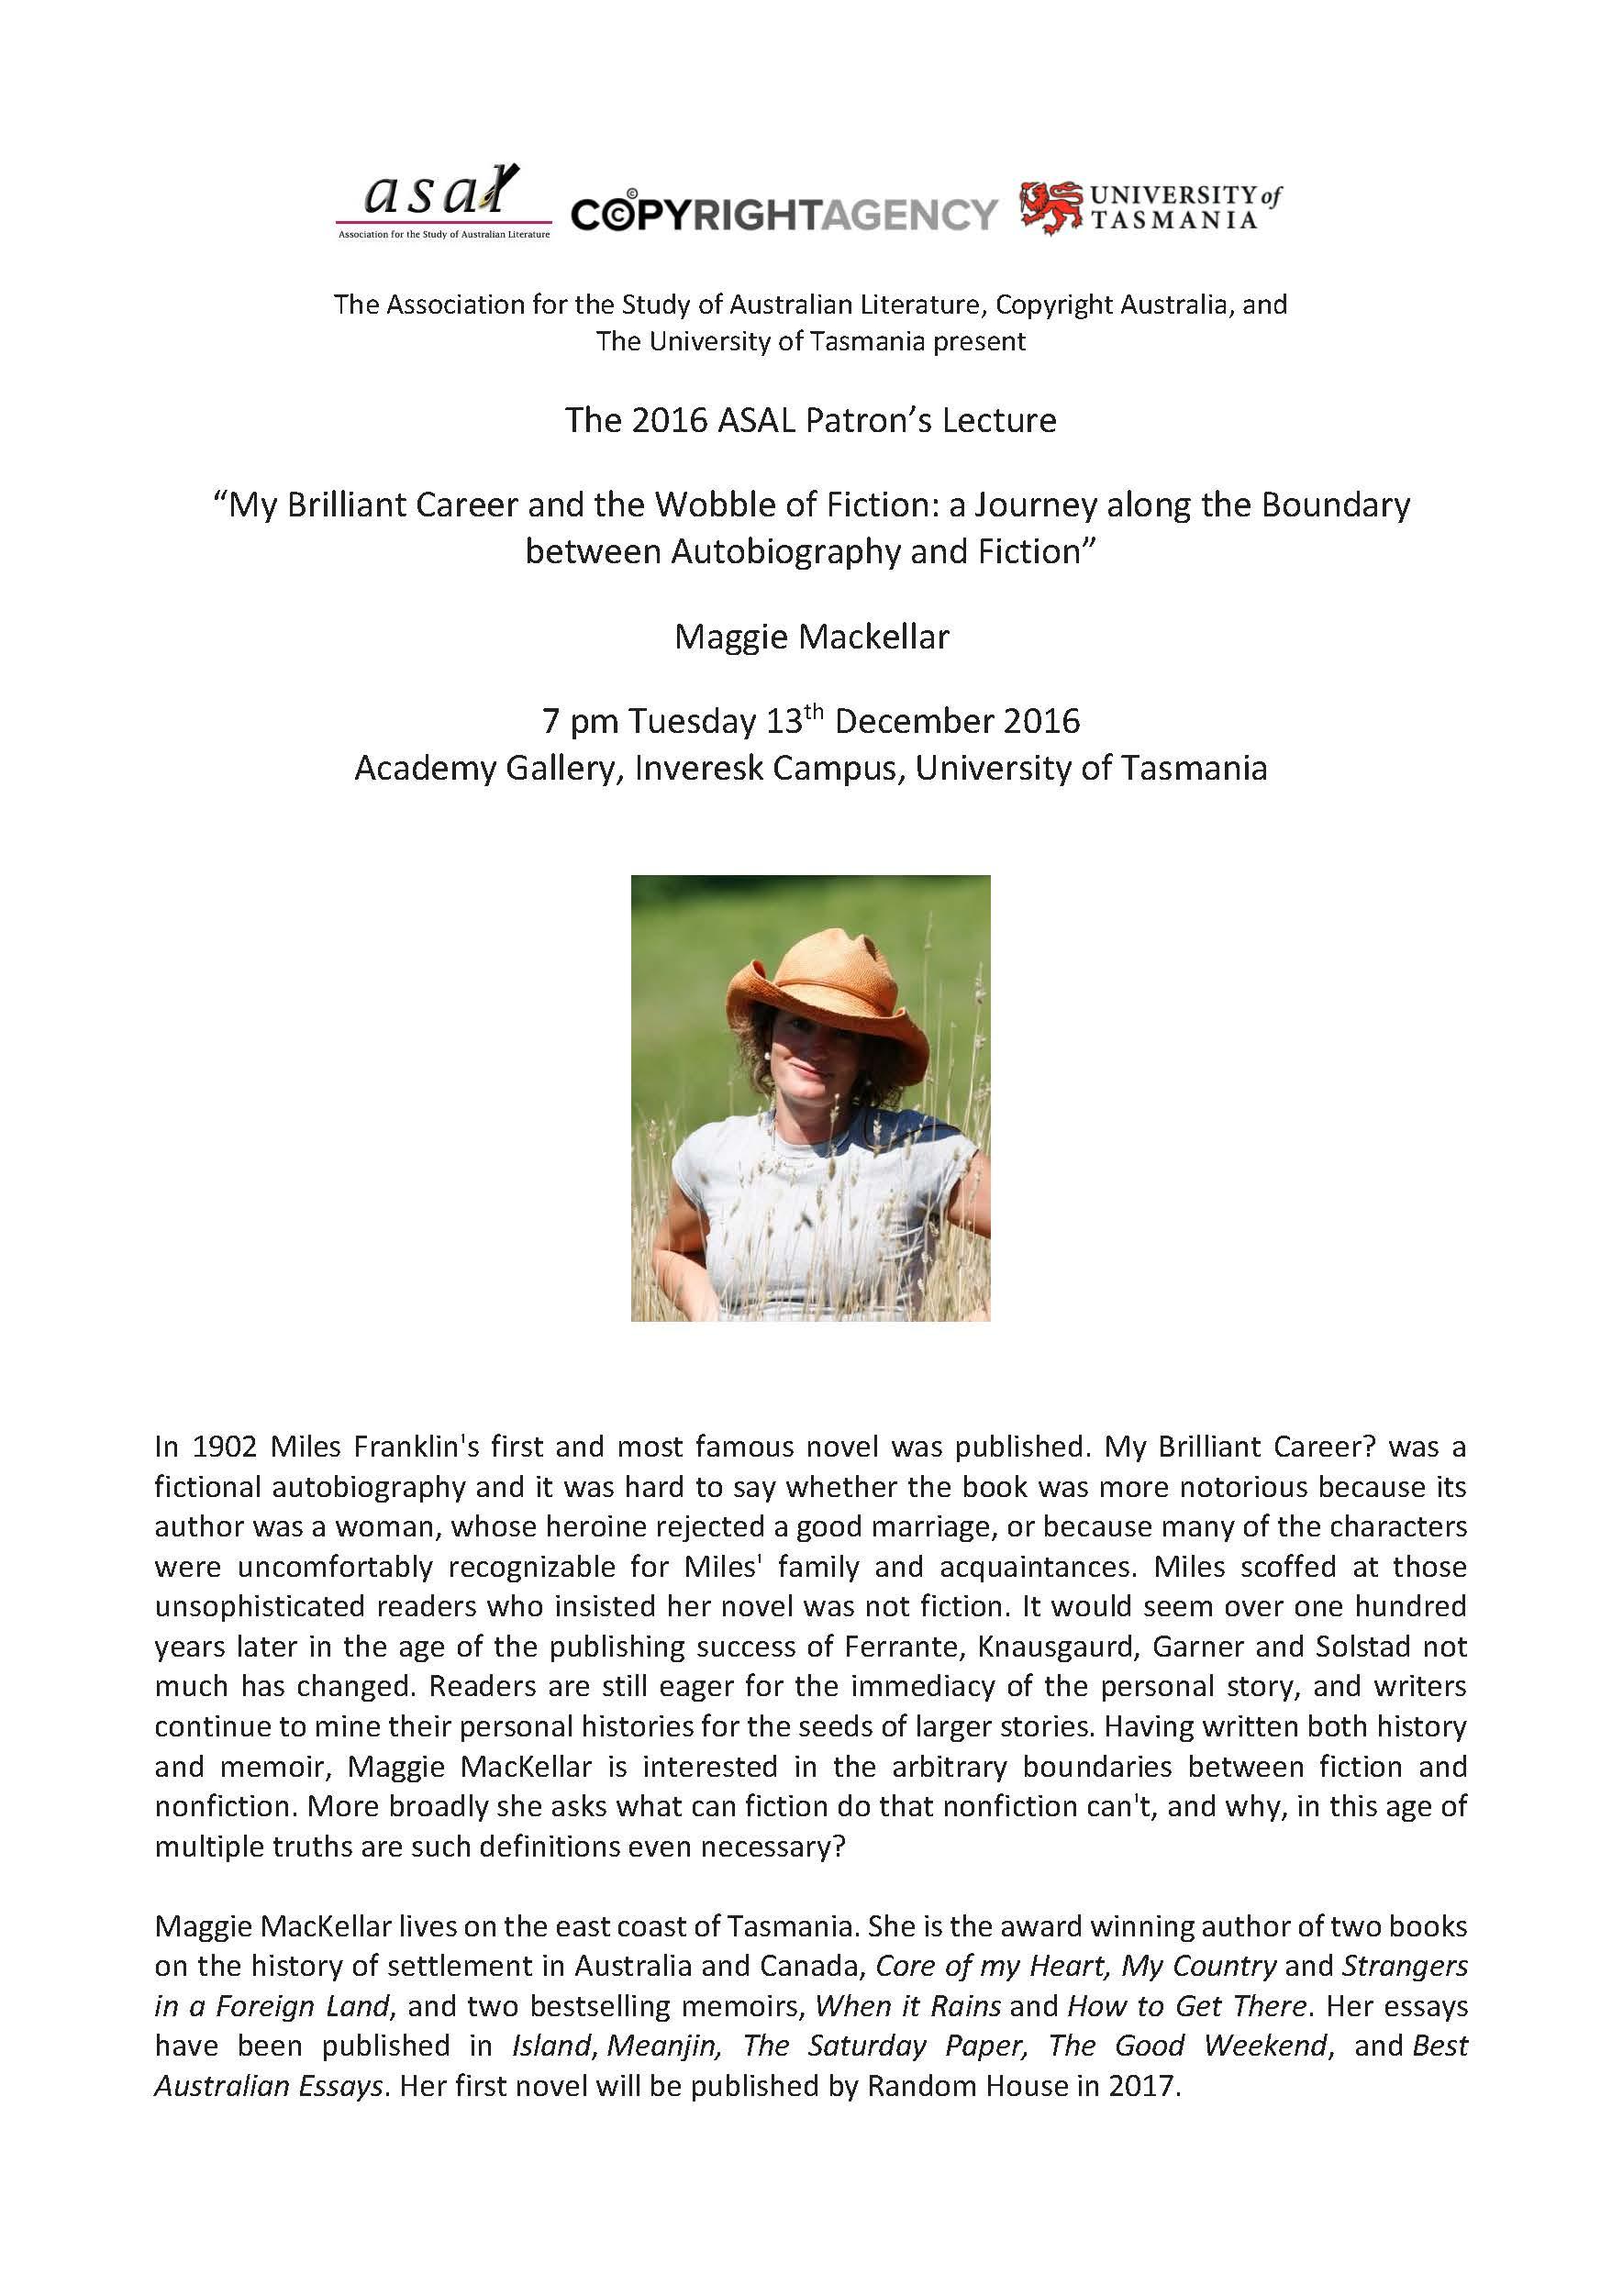 Mackellar ASAL Lecture Poster